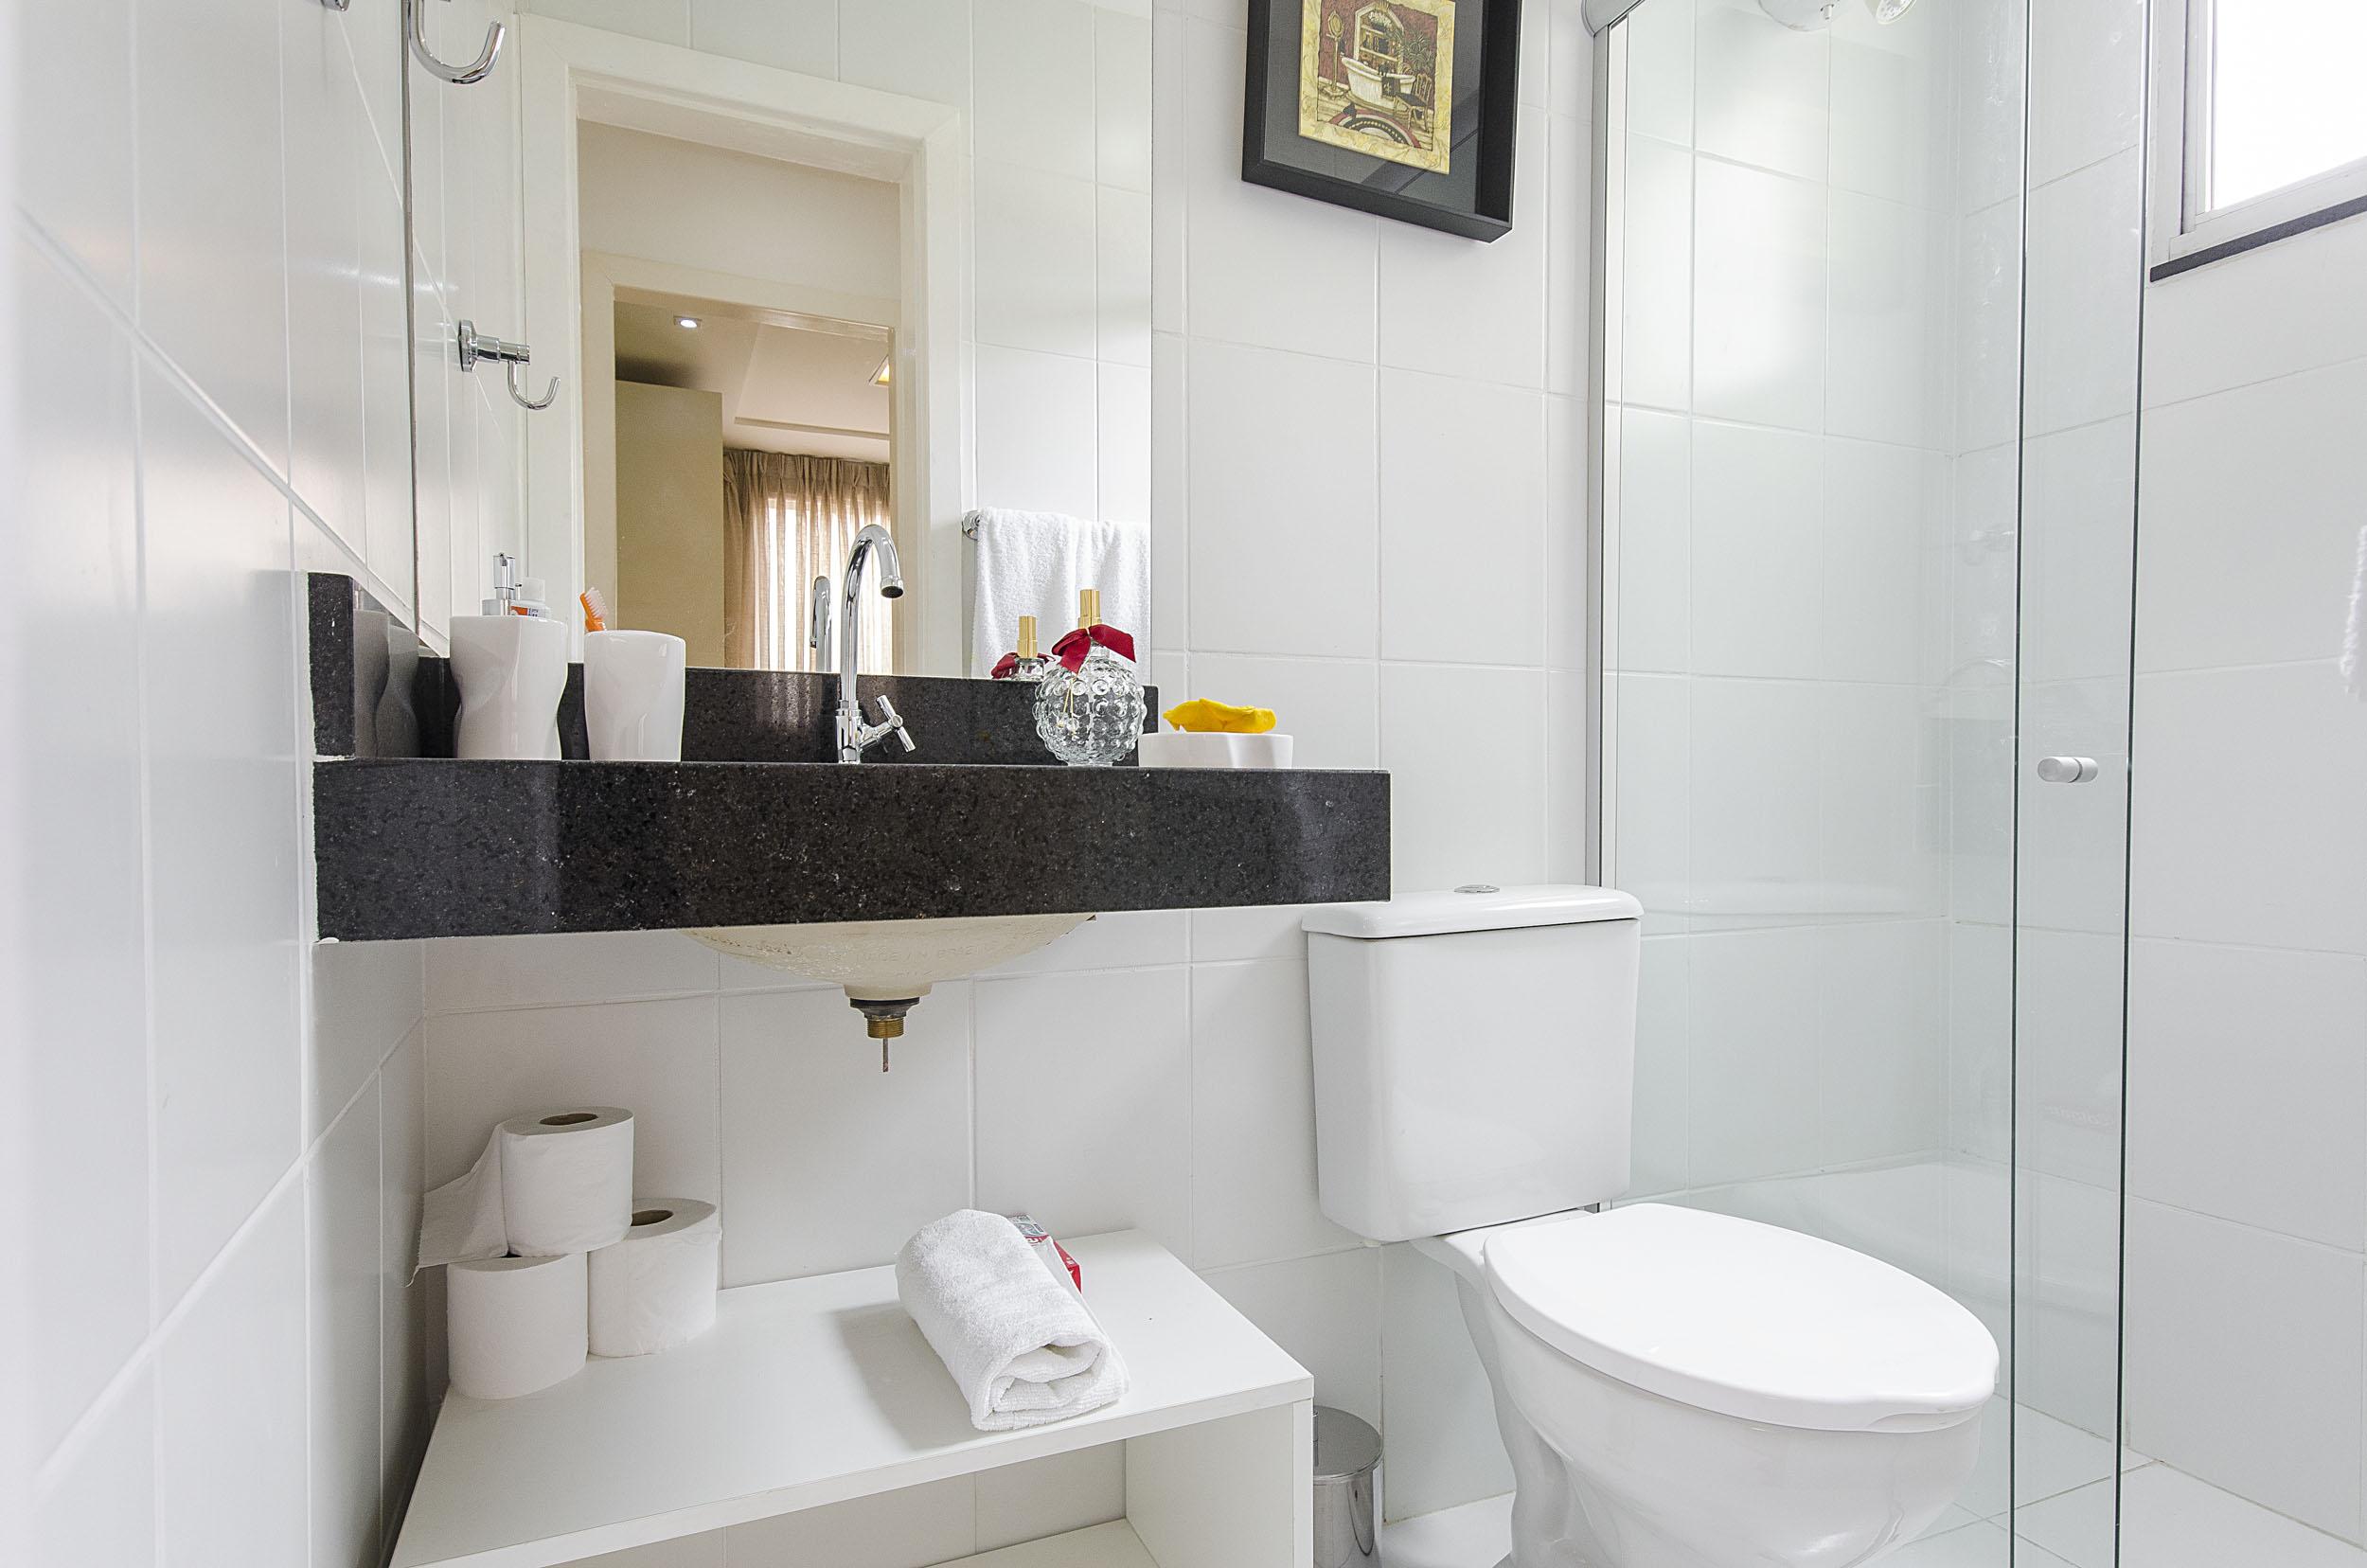 5 dicas para quem tem banheiro pequeno  Blog Corporativo MRV Engenharia  Me -> Banheiro Pequeno Mrv